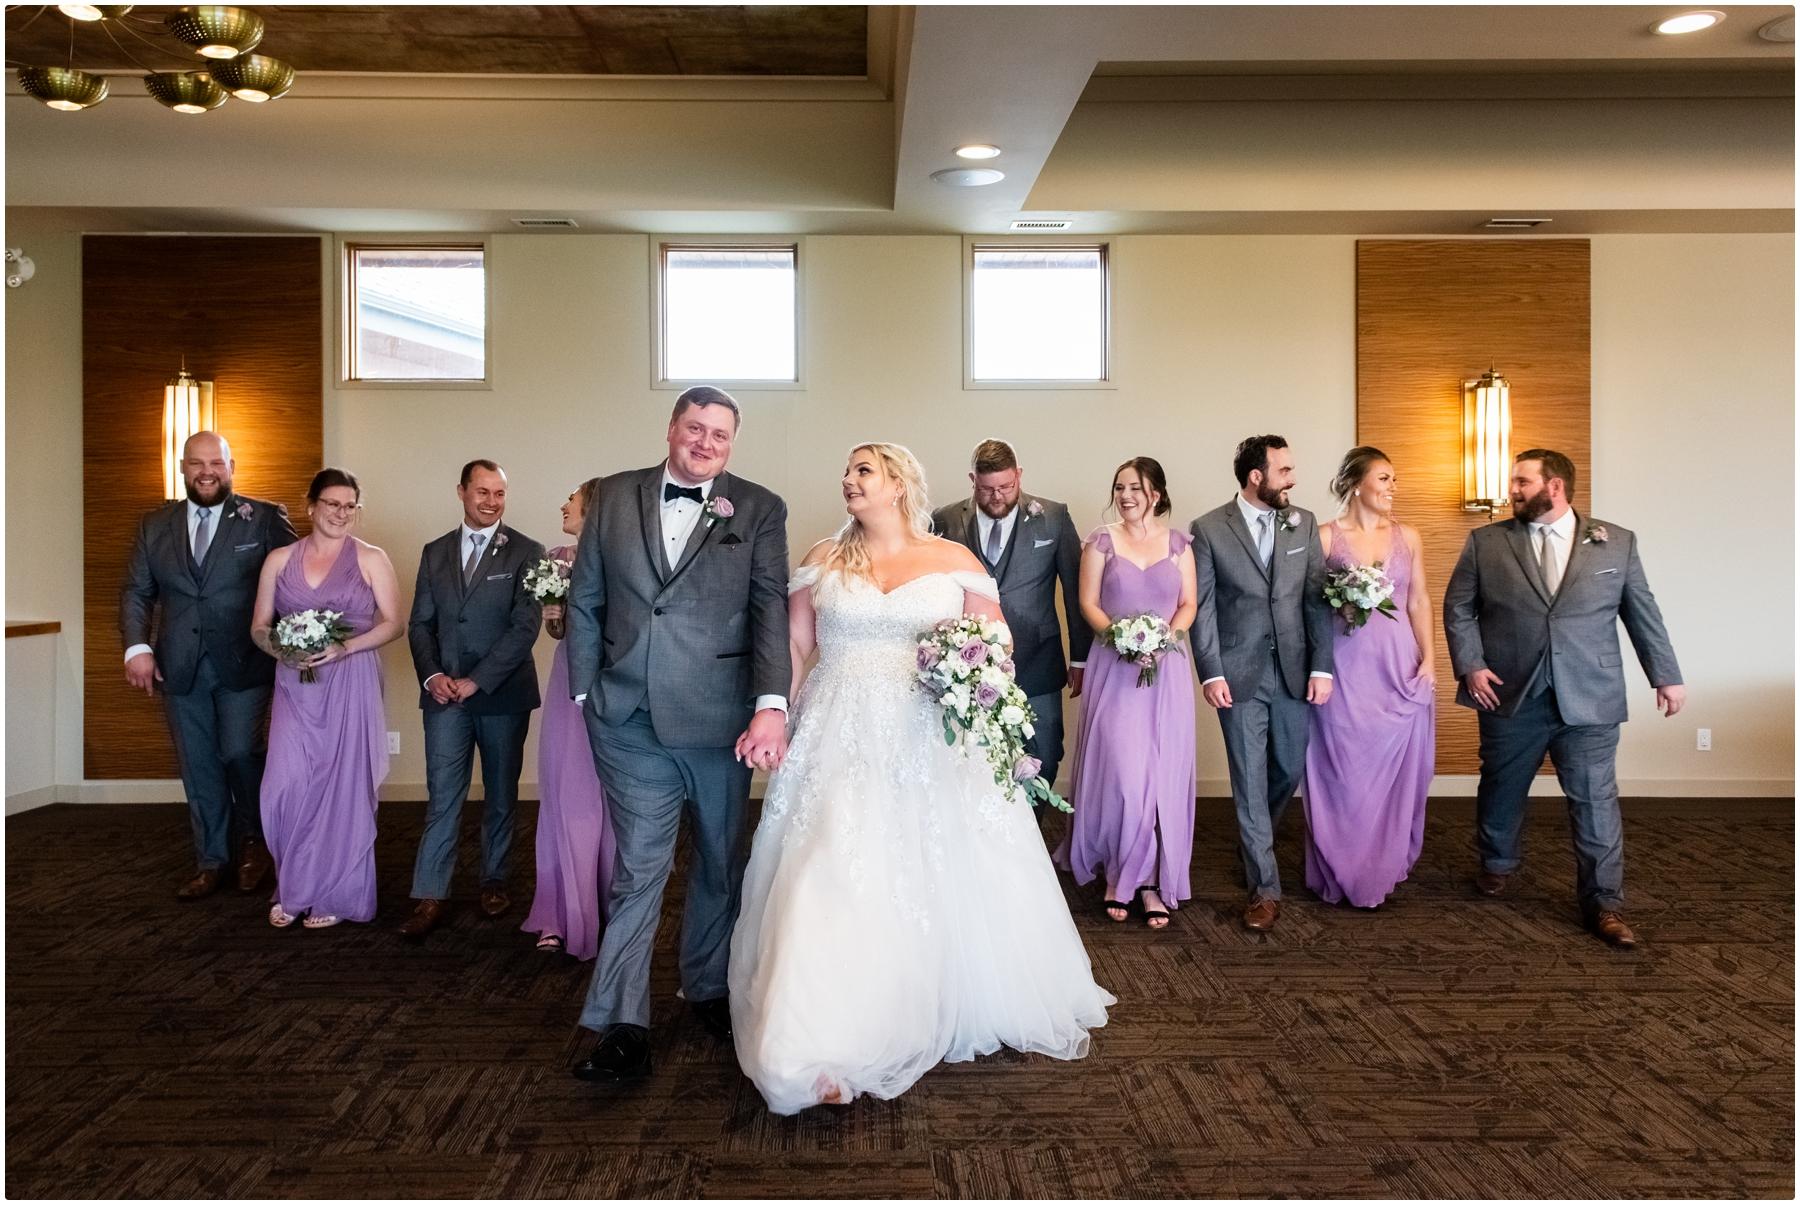 Calgary Golf Course Wedding Venue - Wedding Party Photography